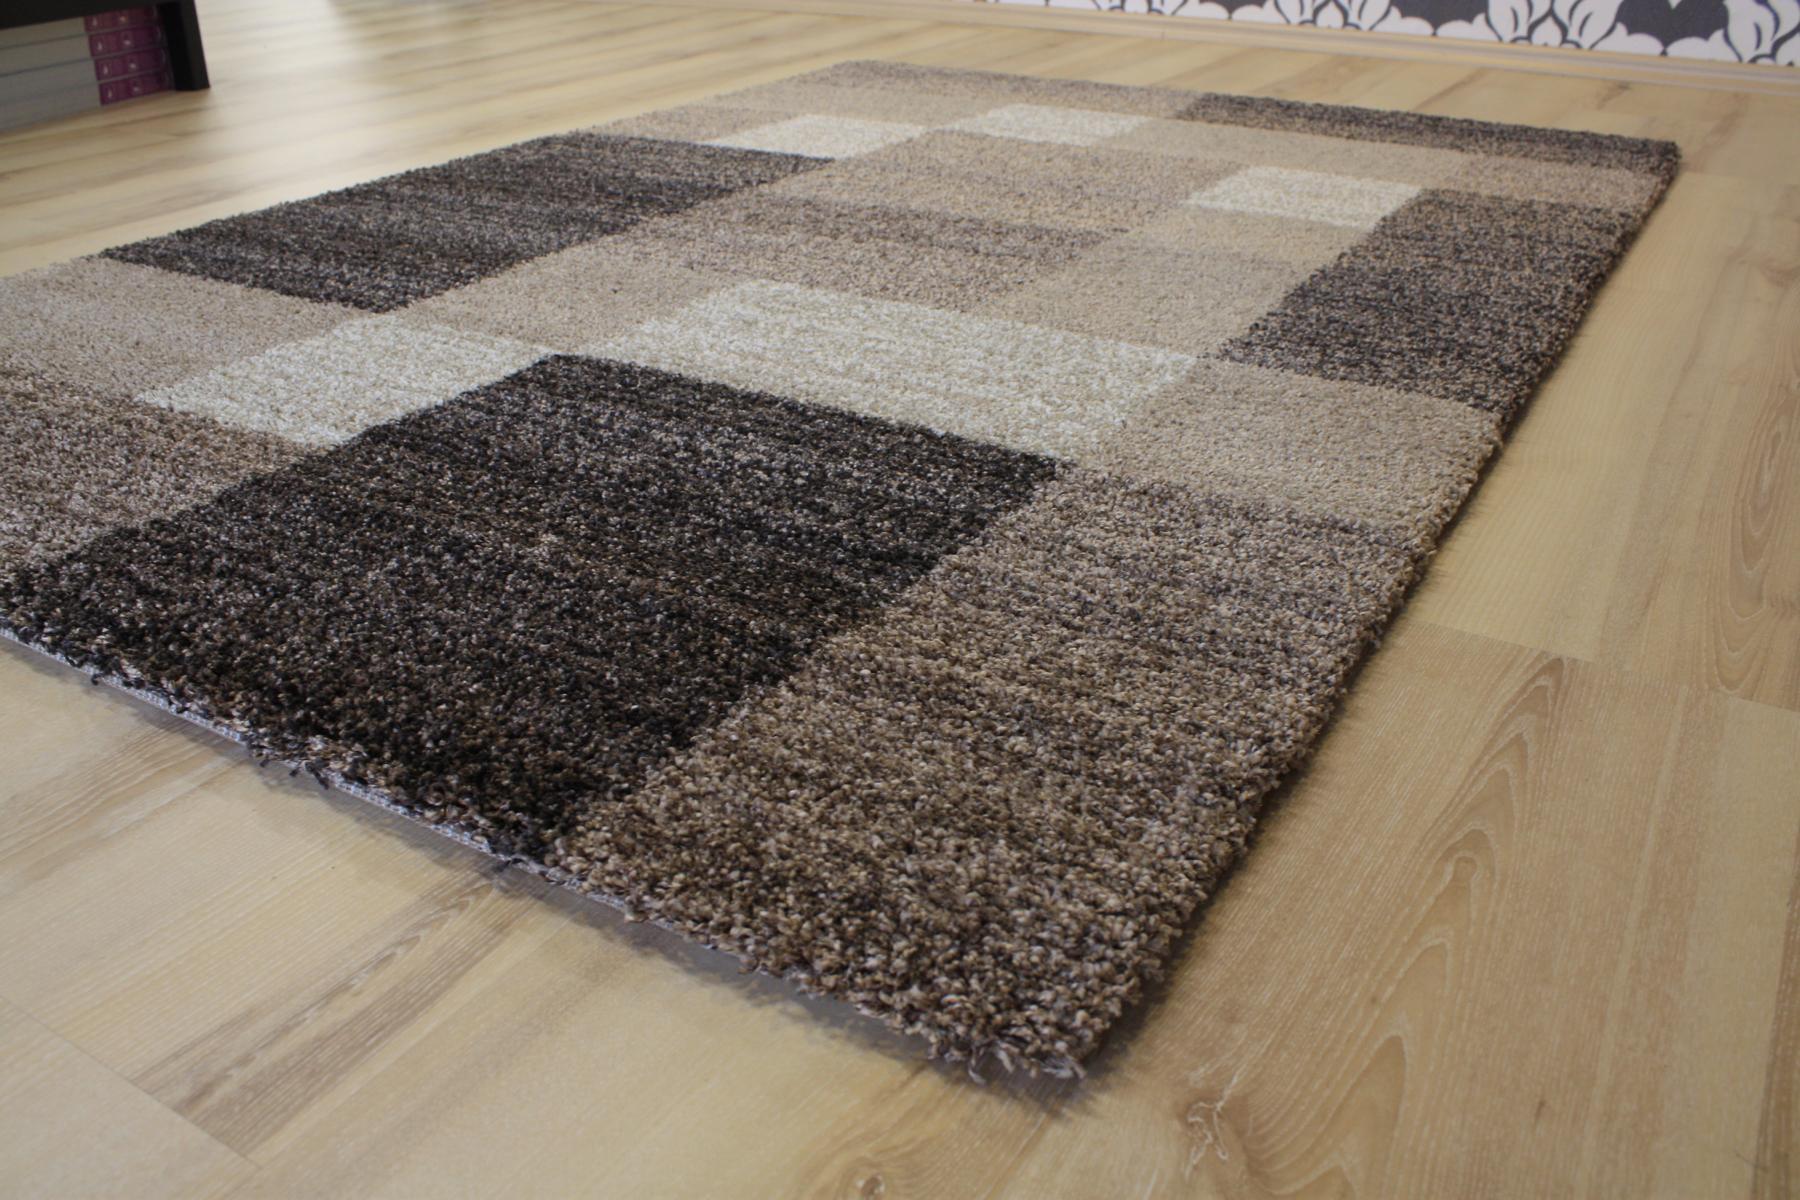 teppich 250 x 350 teppich 250 x 350 home furniture rugs carpets persian teppich ca 350 x 263. Black Bedroom Furniture Sets. Home Design Ideas